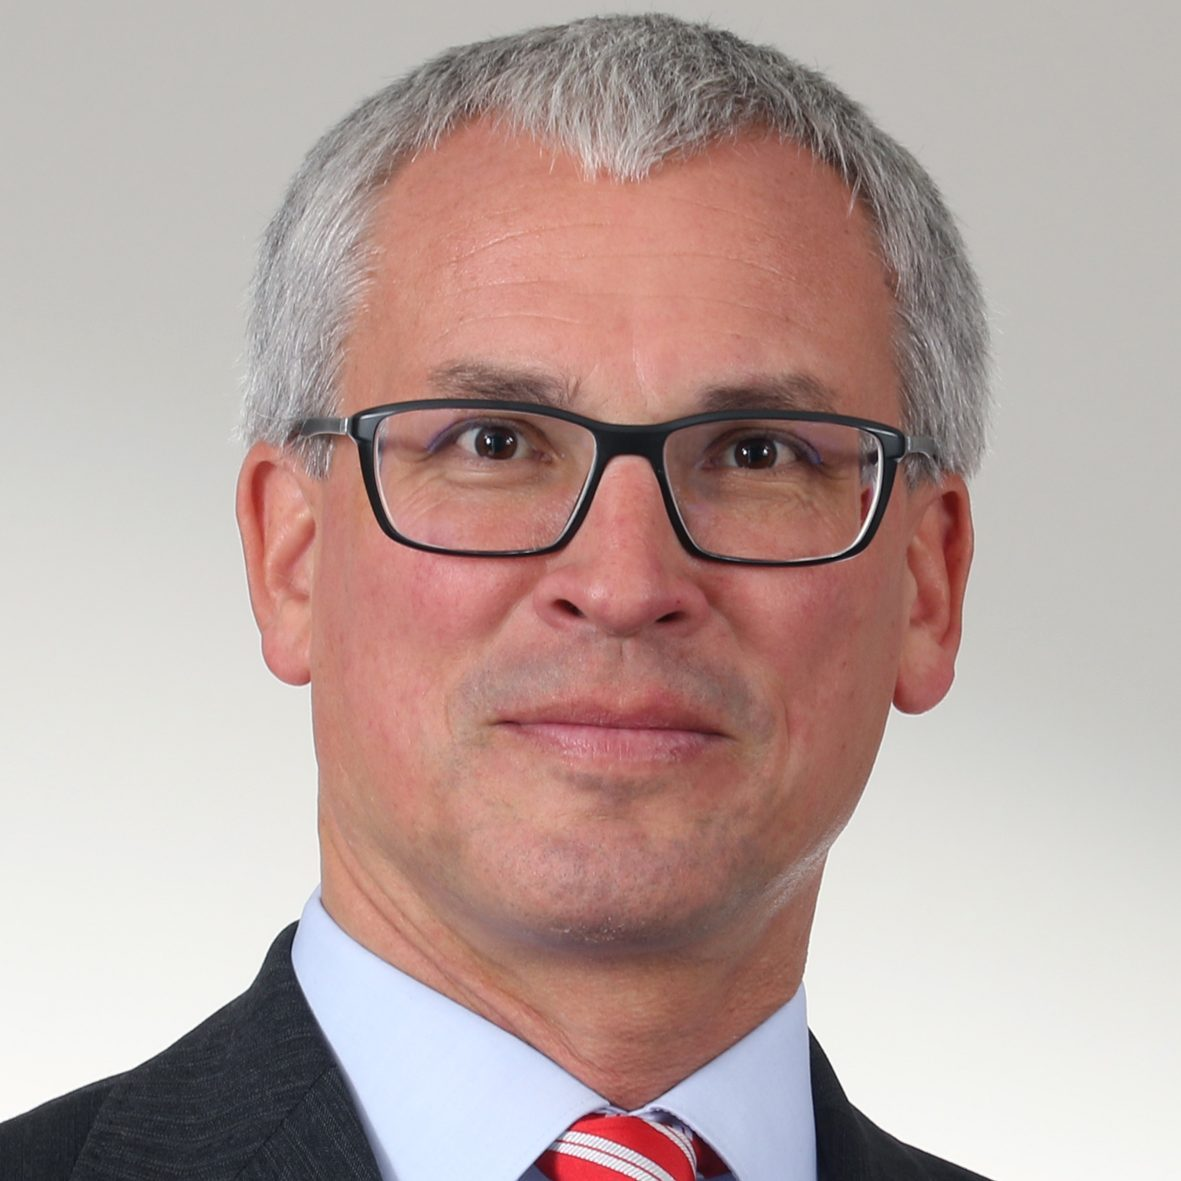 Holger Kreuttner